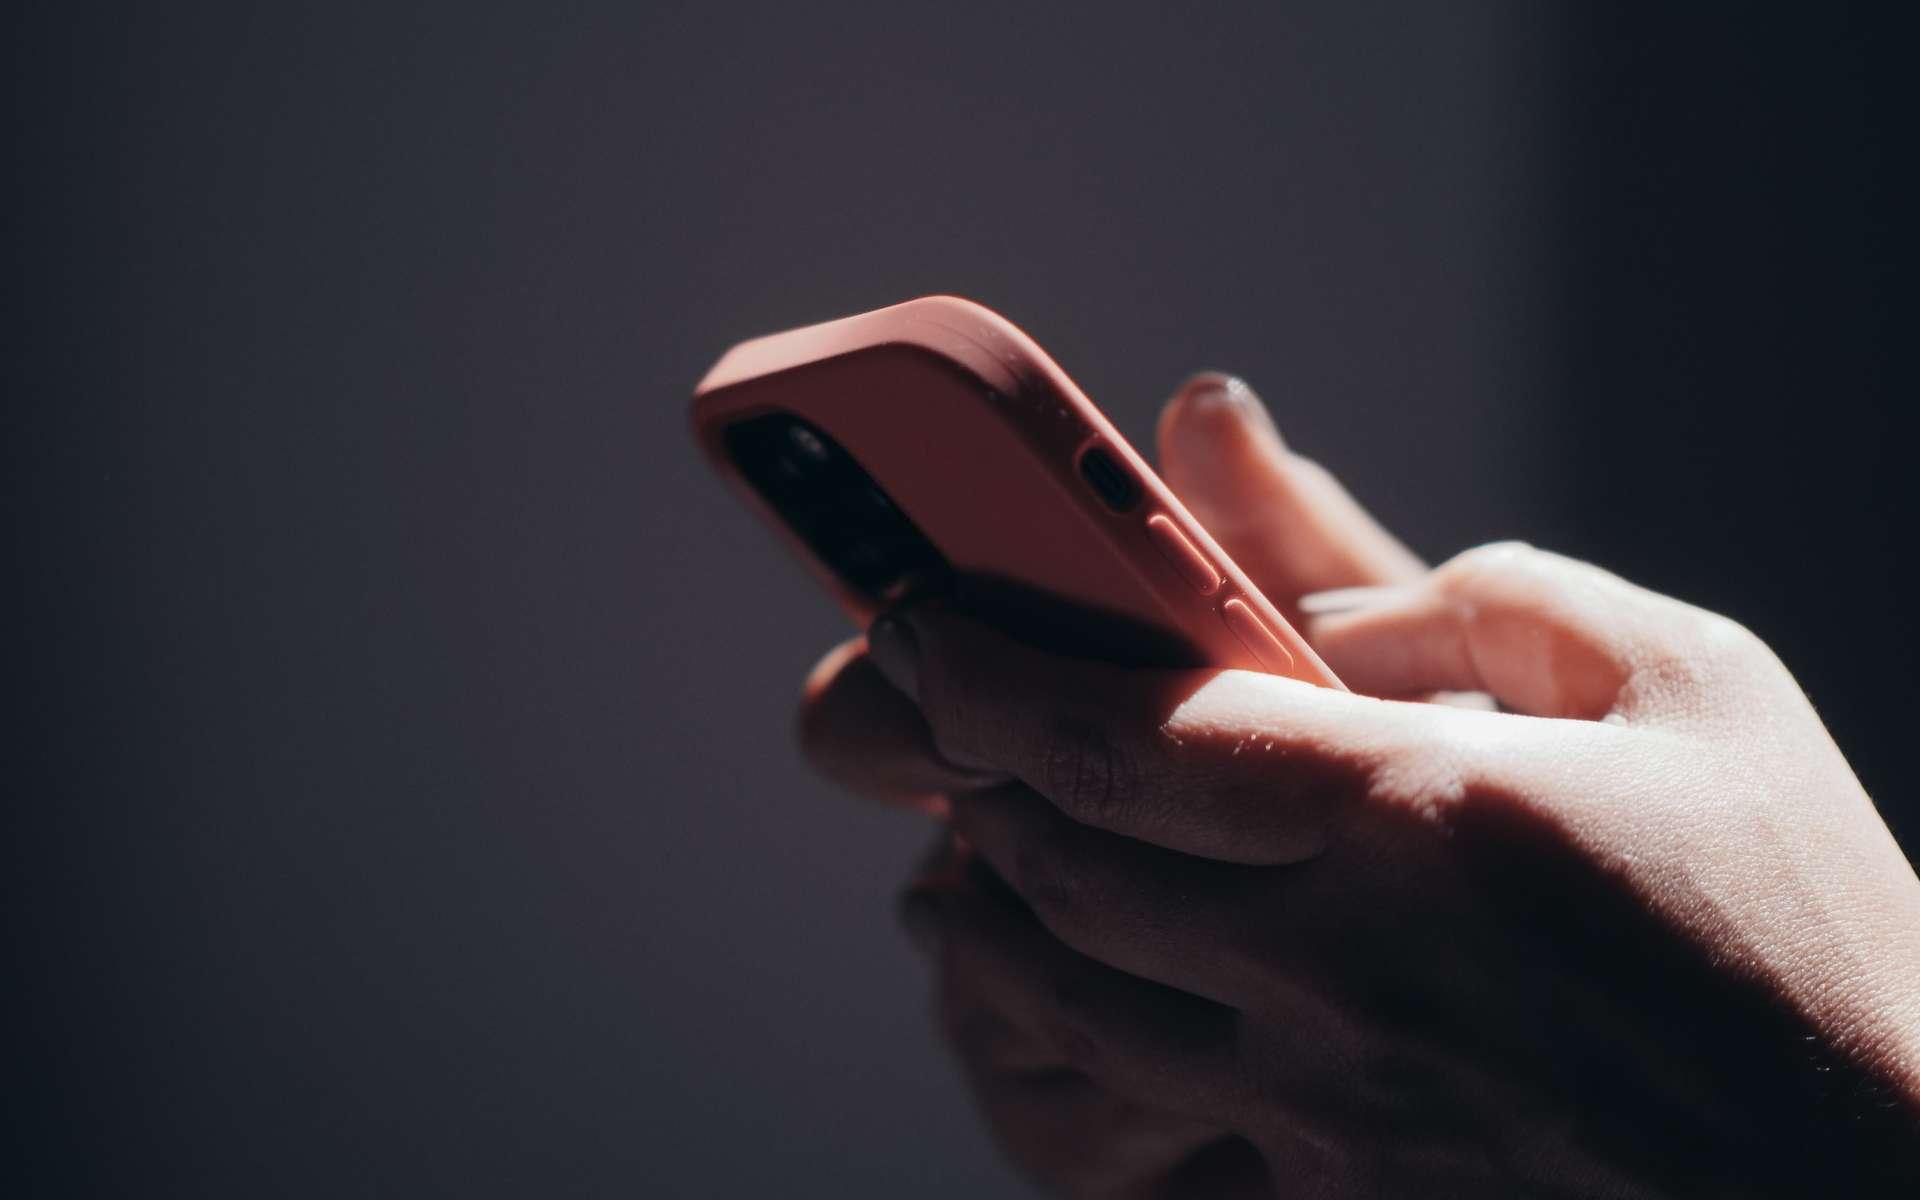 Orange vend désormais des forfaits mobiles sans engagement © Kindel Media, Pexels